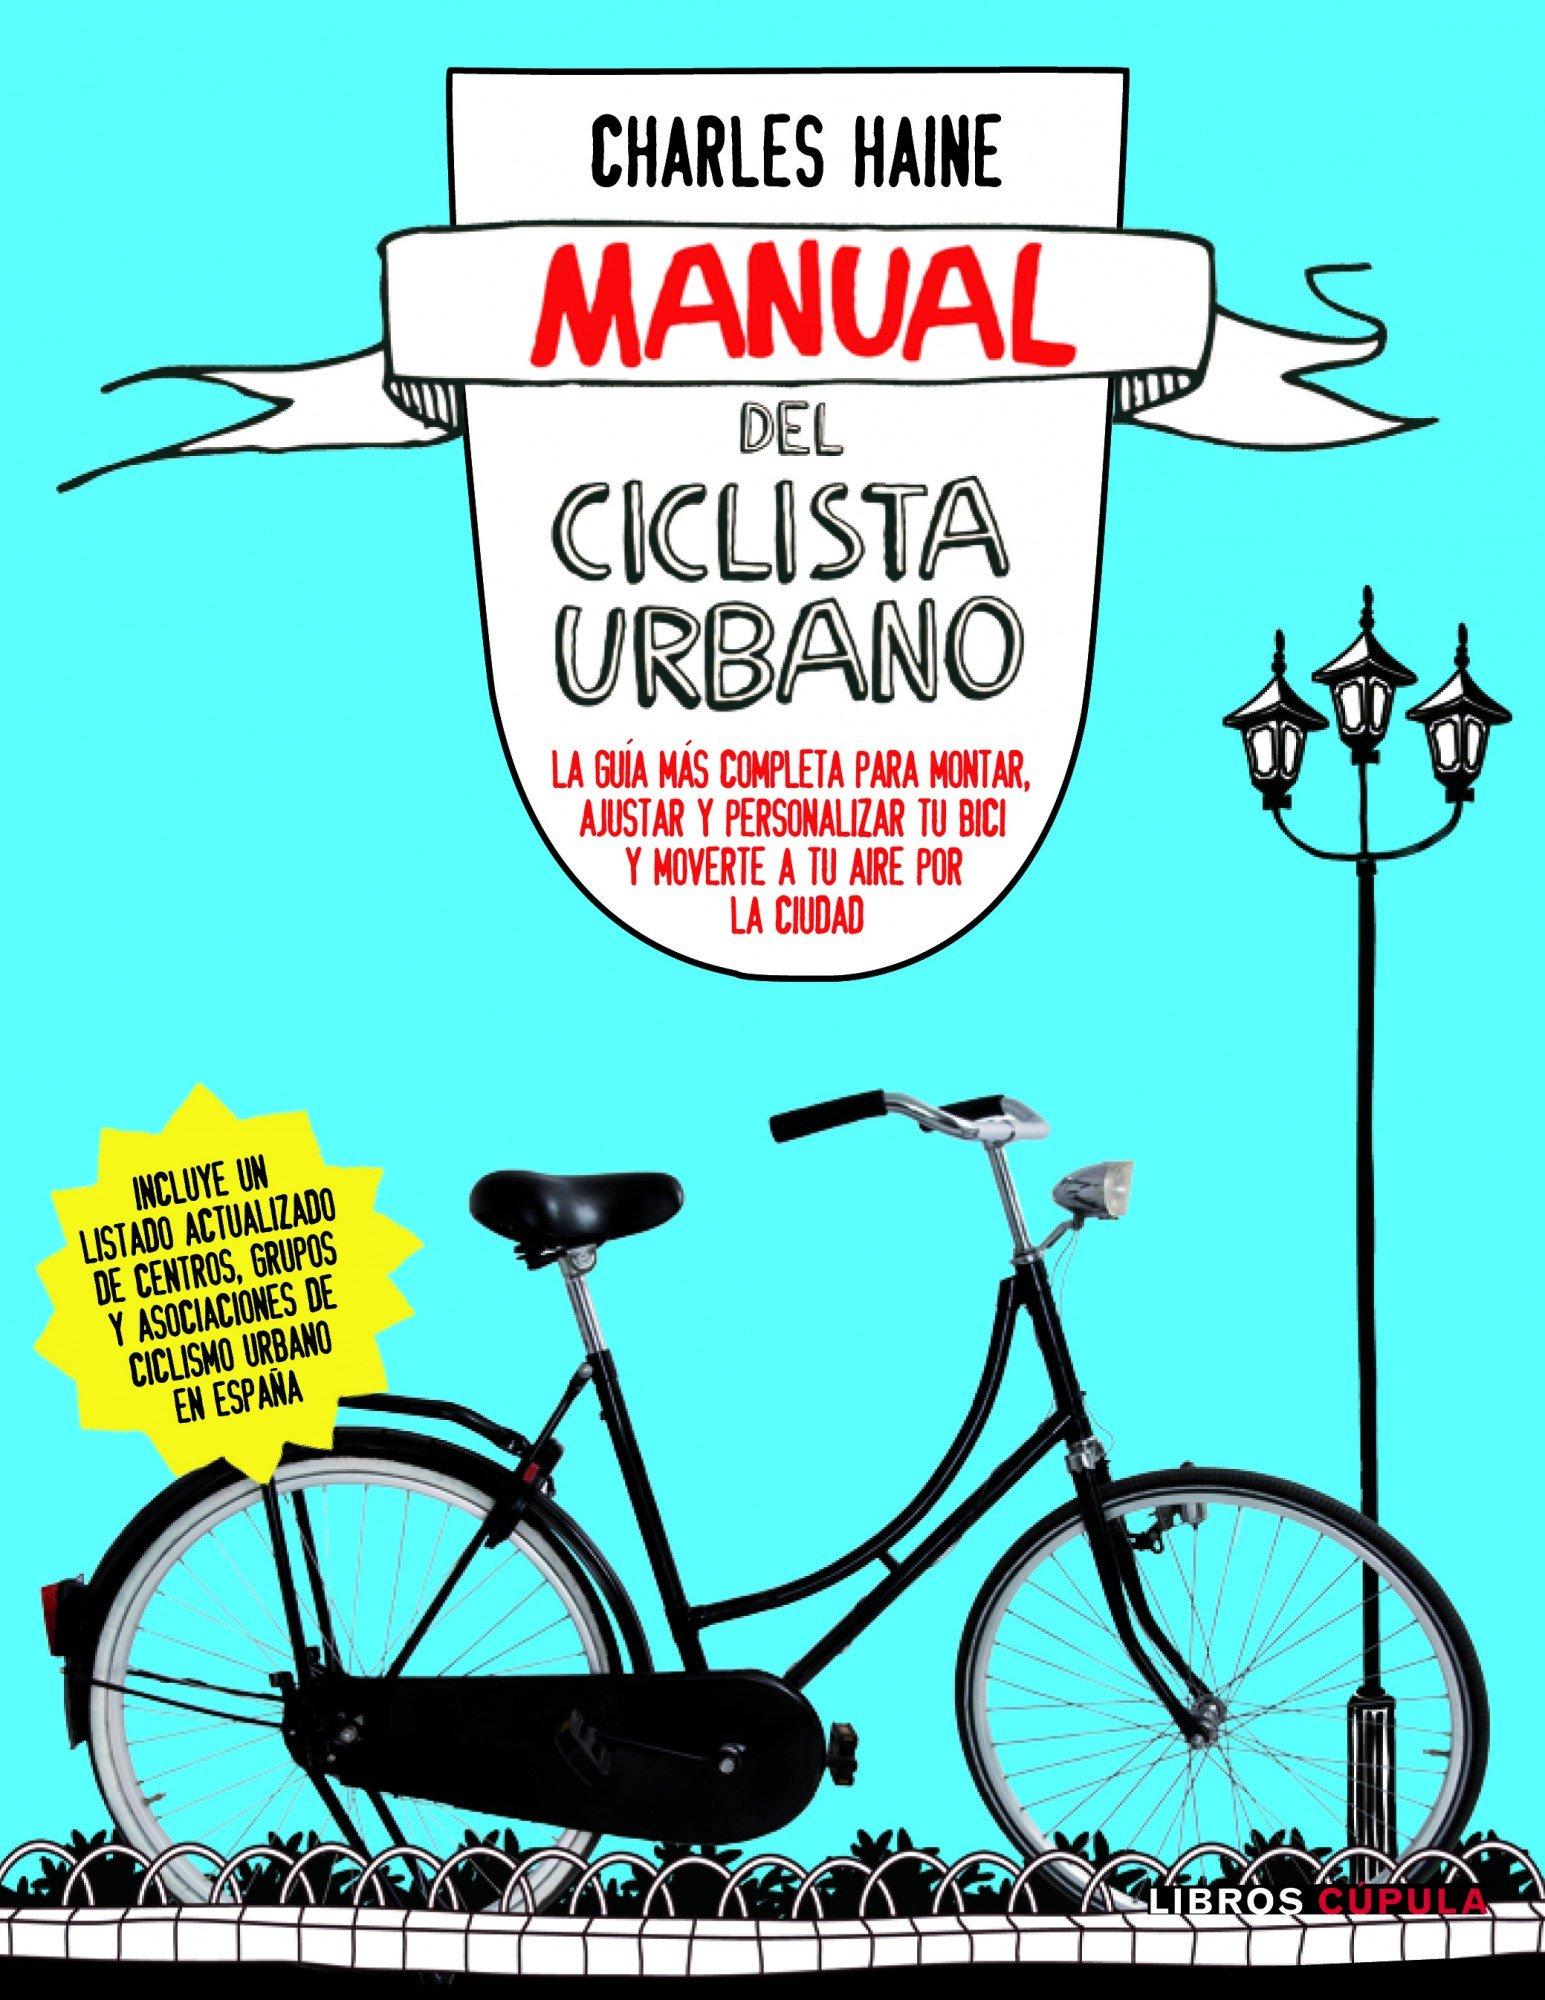 Manual del ciclista urbano: La guía más completa para montar, ajustar y personalizar tu bici y moverte a tu Hobbies: Amazon.es: Haine, Charles, Agut Iglesias, Albert: Libros